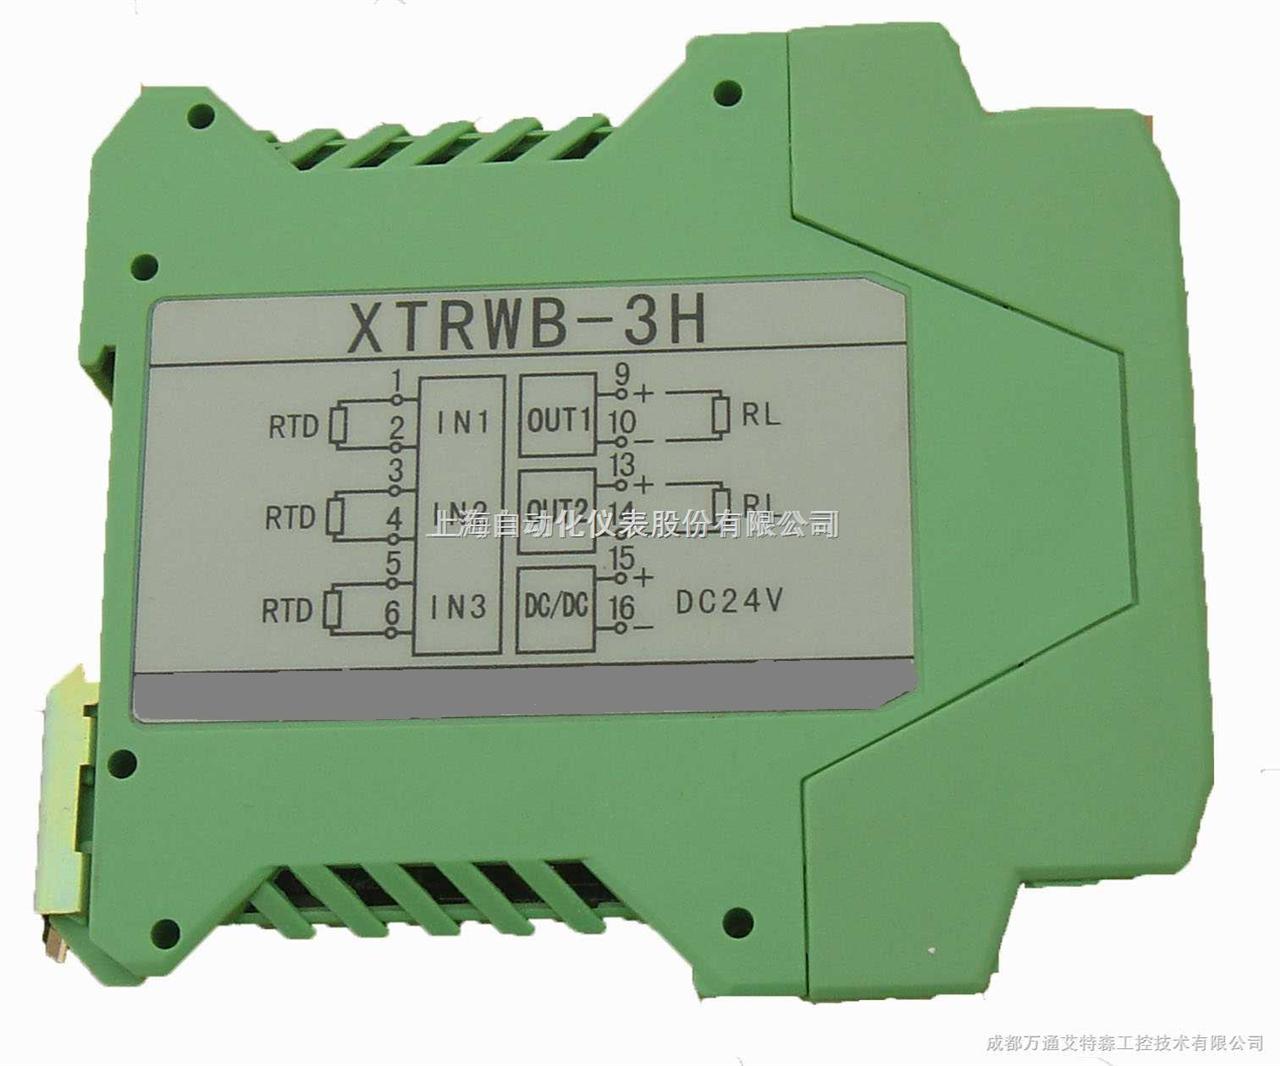 三路温度变送器xtrwb-3h